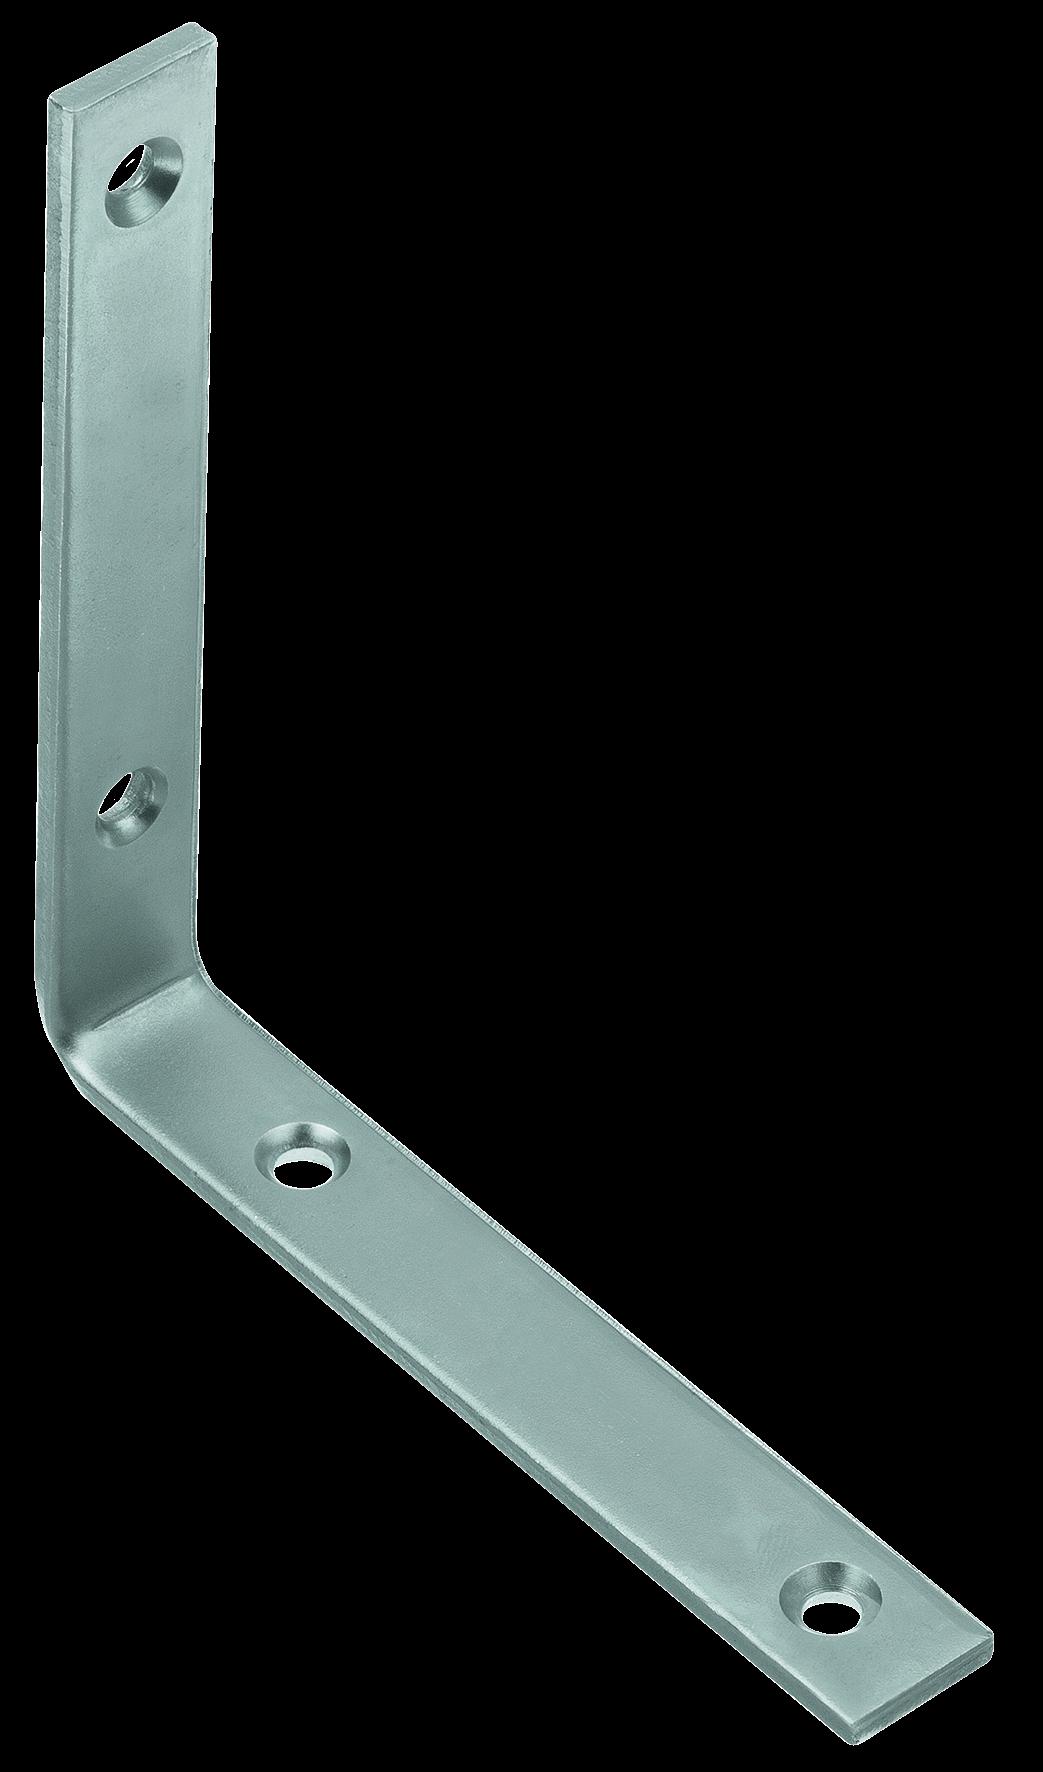 D-MK Kątownik belkowy równoramienny - typ ciężki